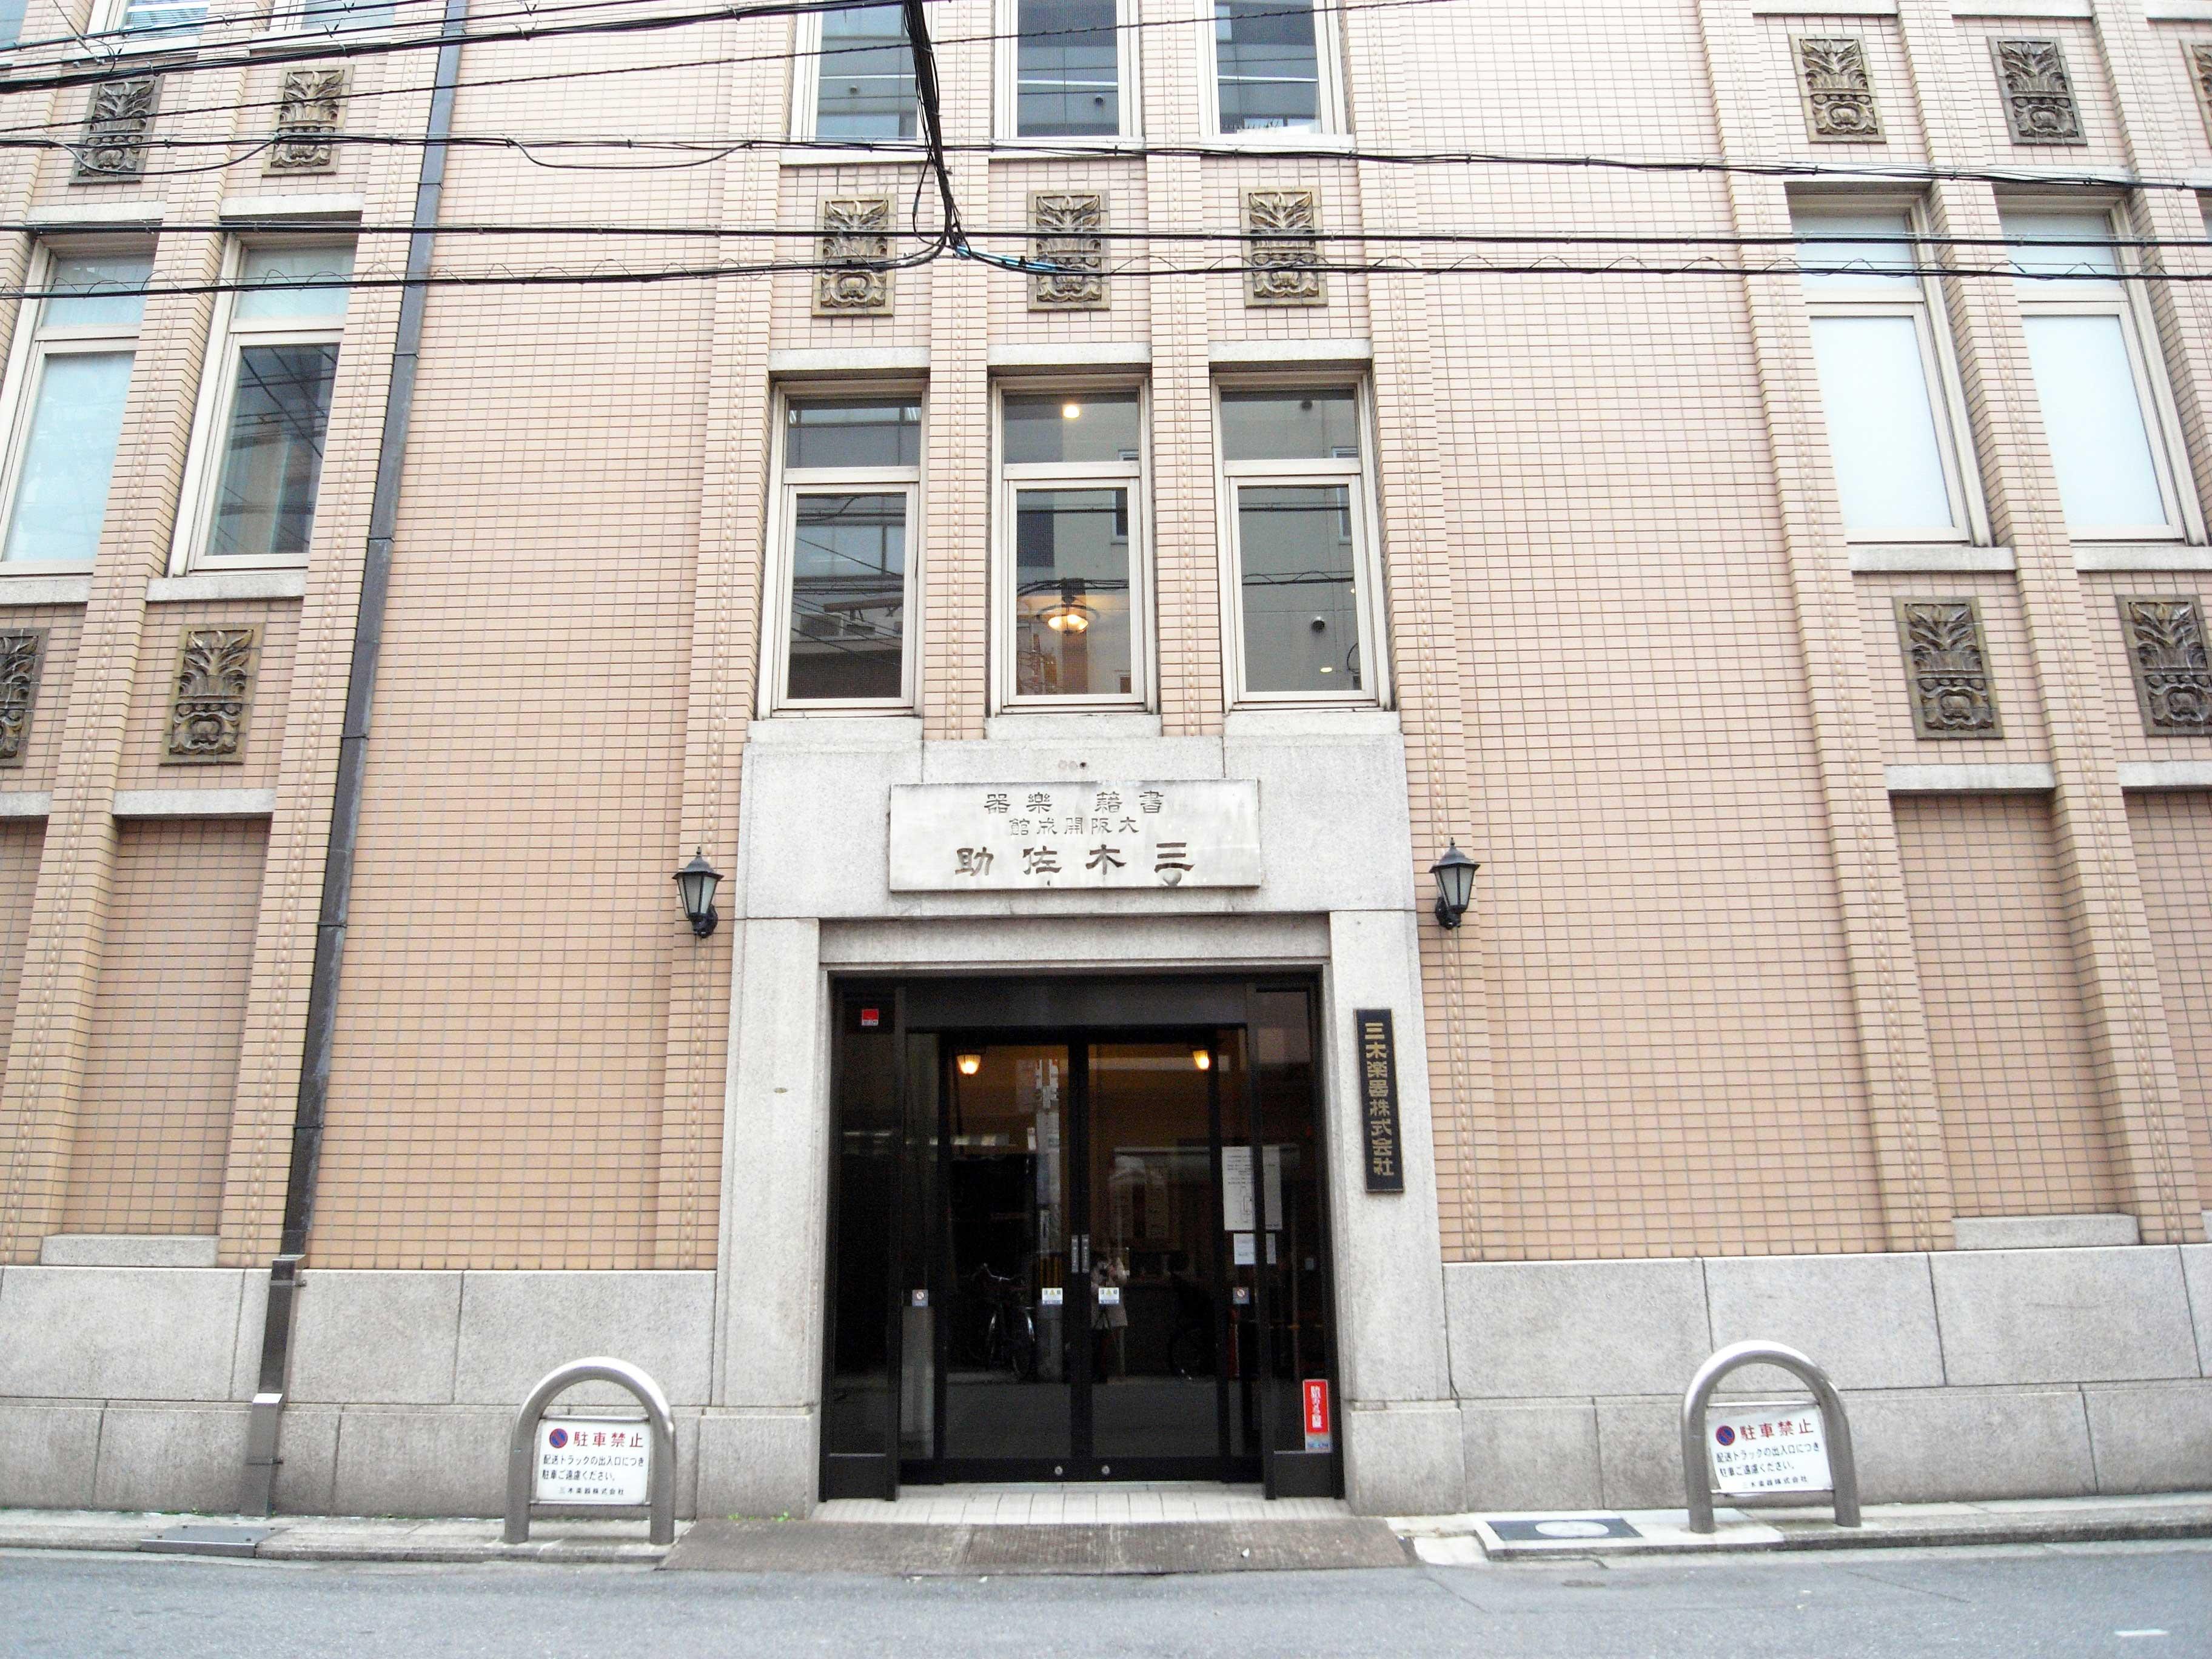 <p>北側事務所入口</p>従入口大理石的銘板上可得知,建築物竣工時是経営書籍業和楽器店的「三木佐助商店」。